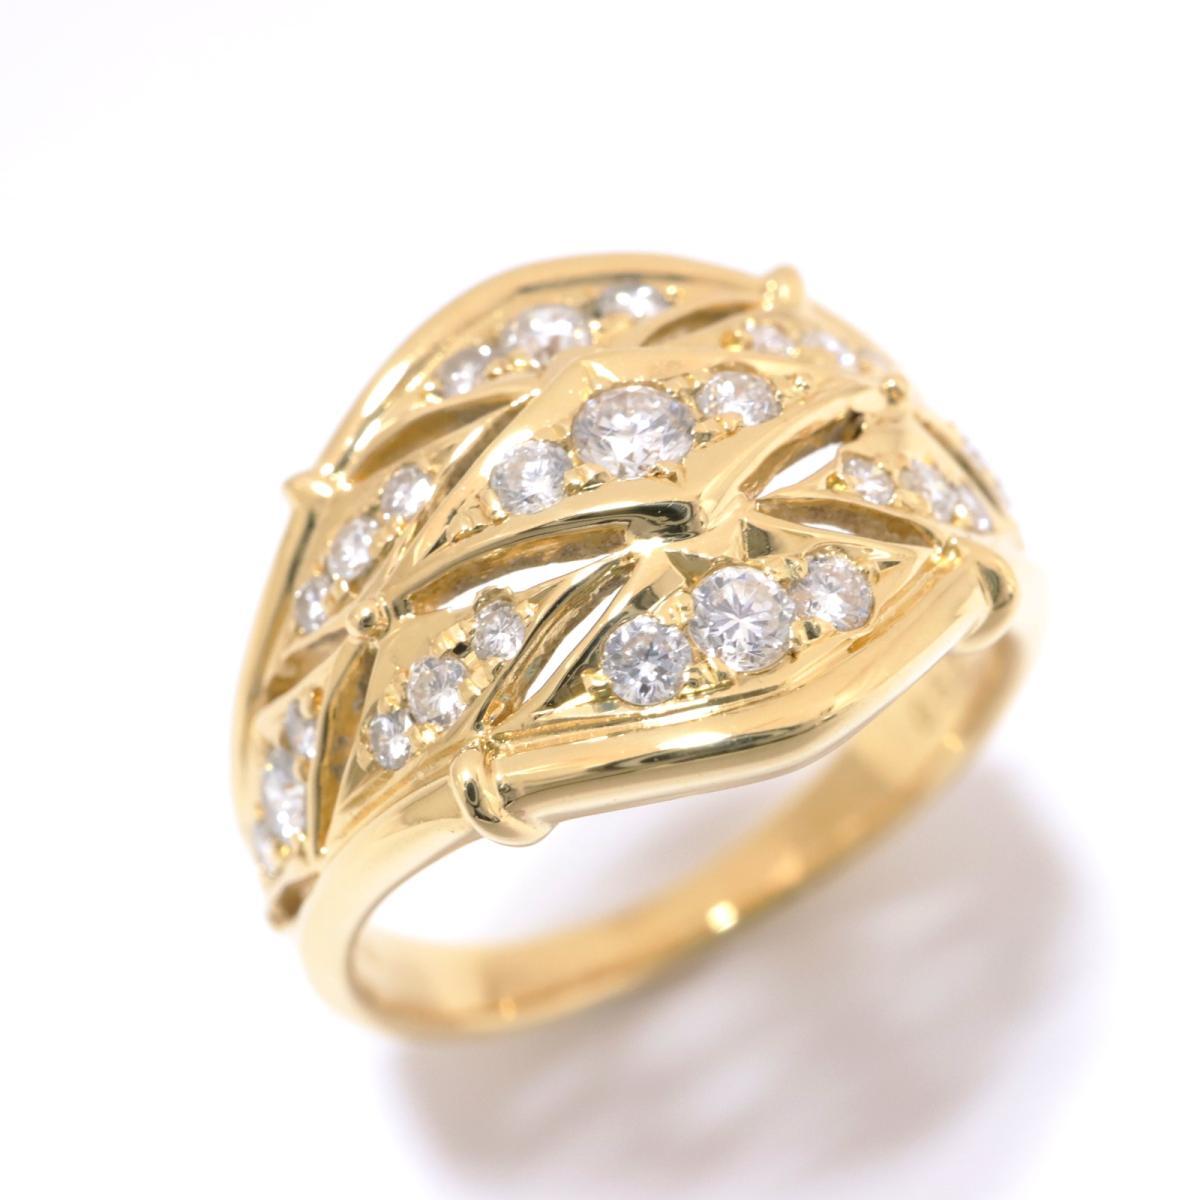 【中古】ジュエリー ダイヤモンド リング 指輪 ノーブランドジュエリー レディース K18YG(750) イエローゴールド x ダイヤモンド(0.52ct) クリアー x ゴールド